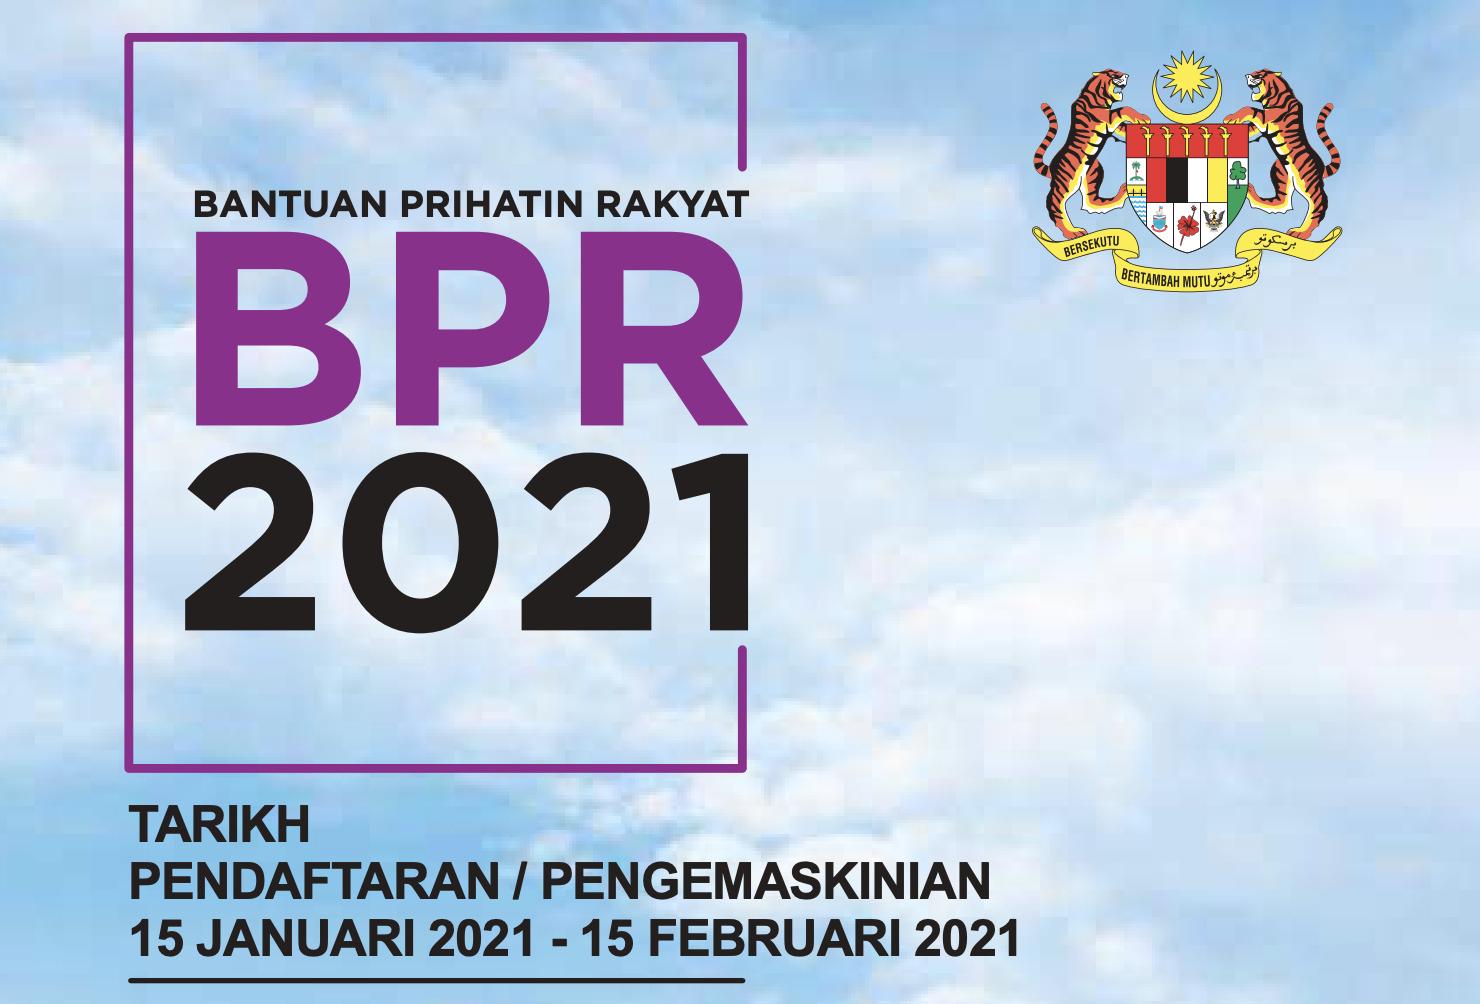 bpr 2021